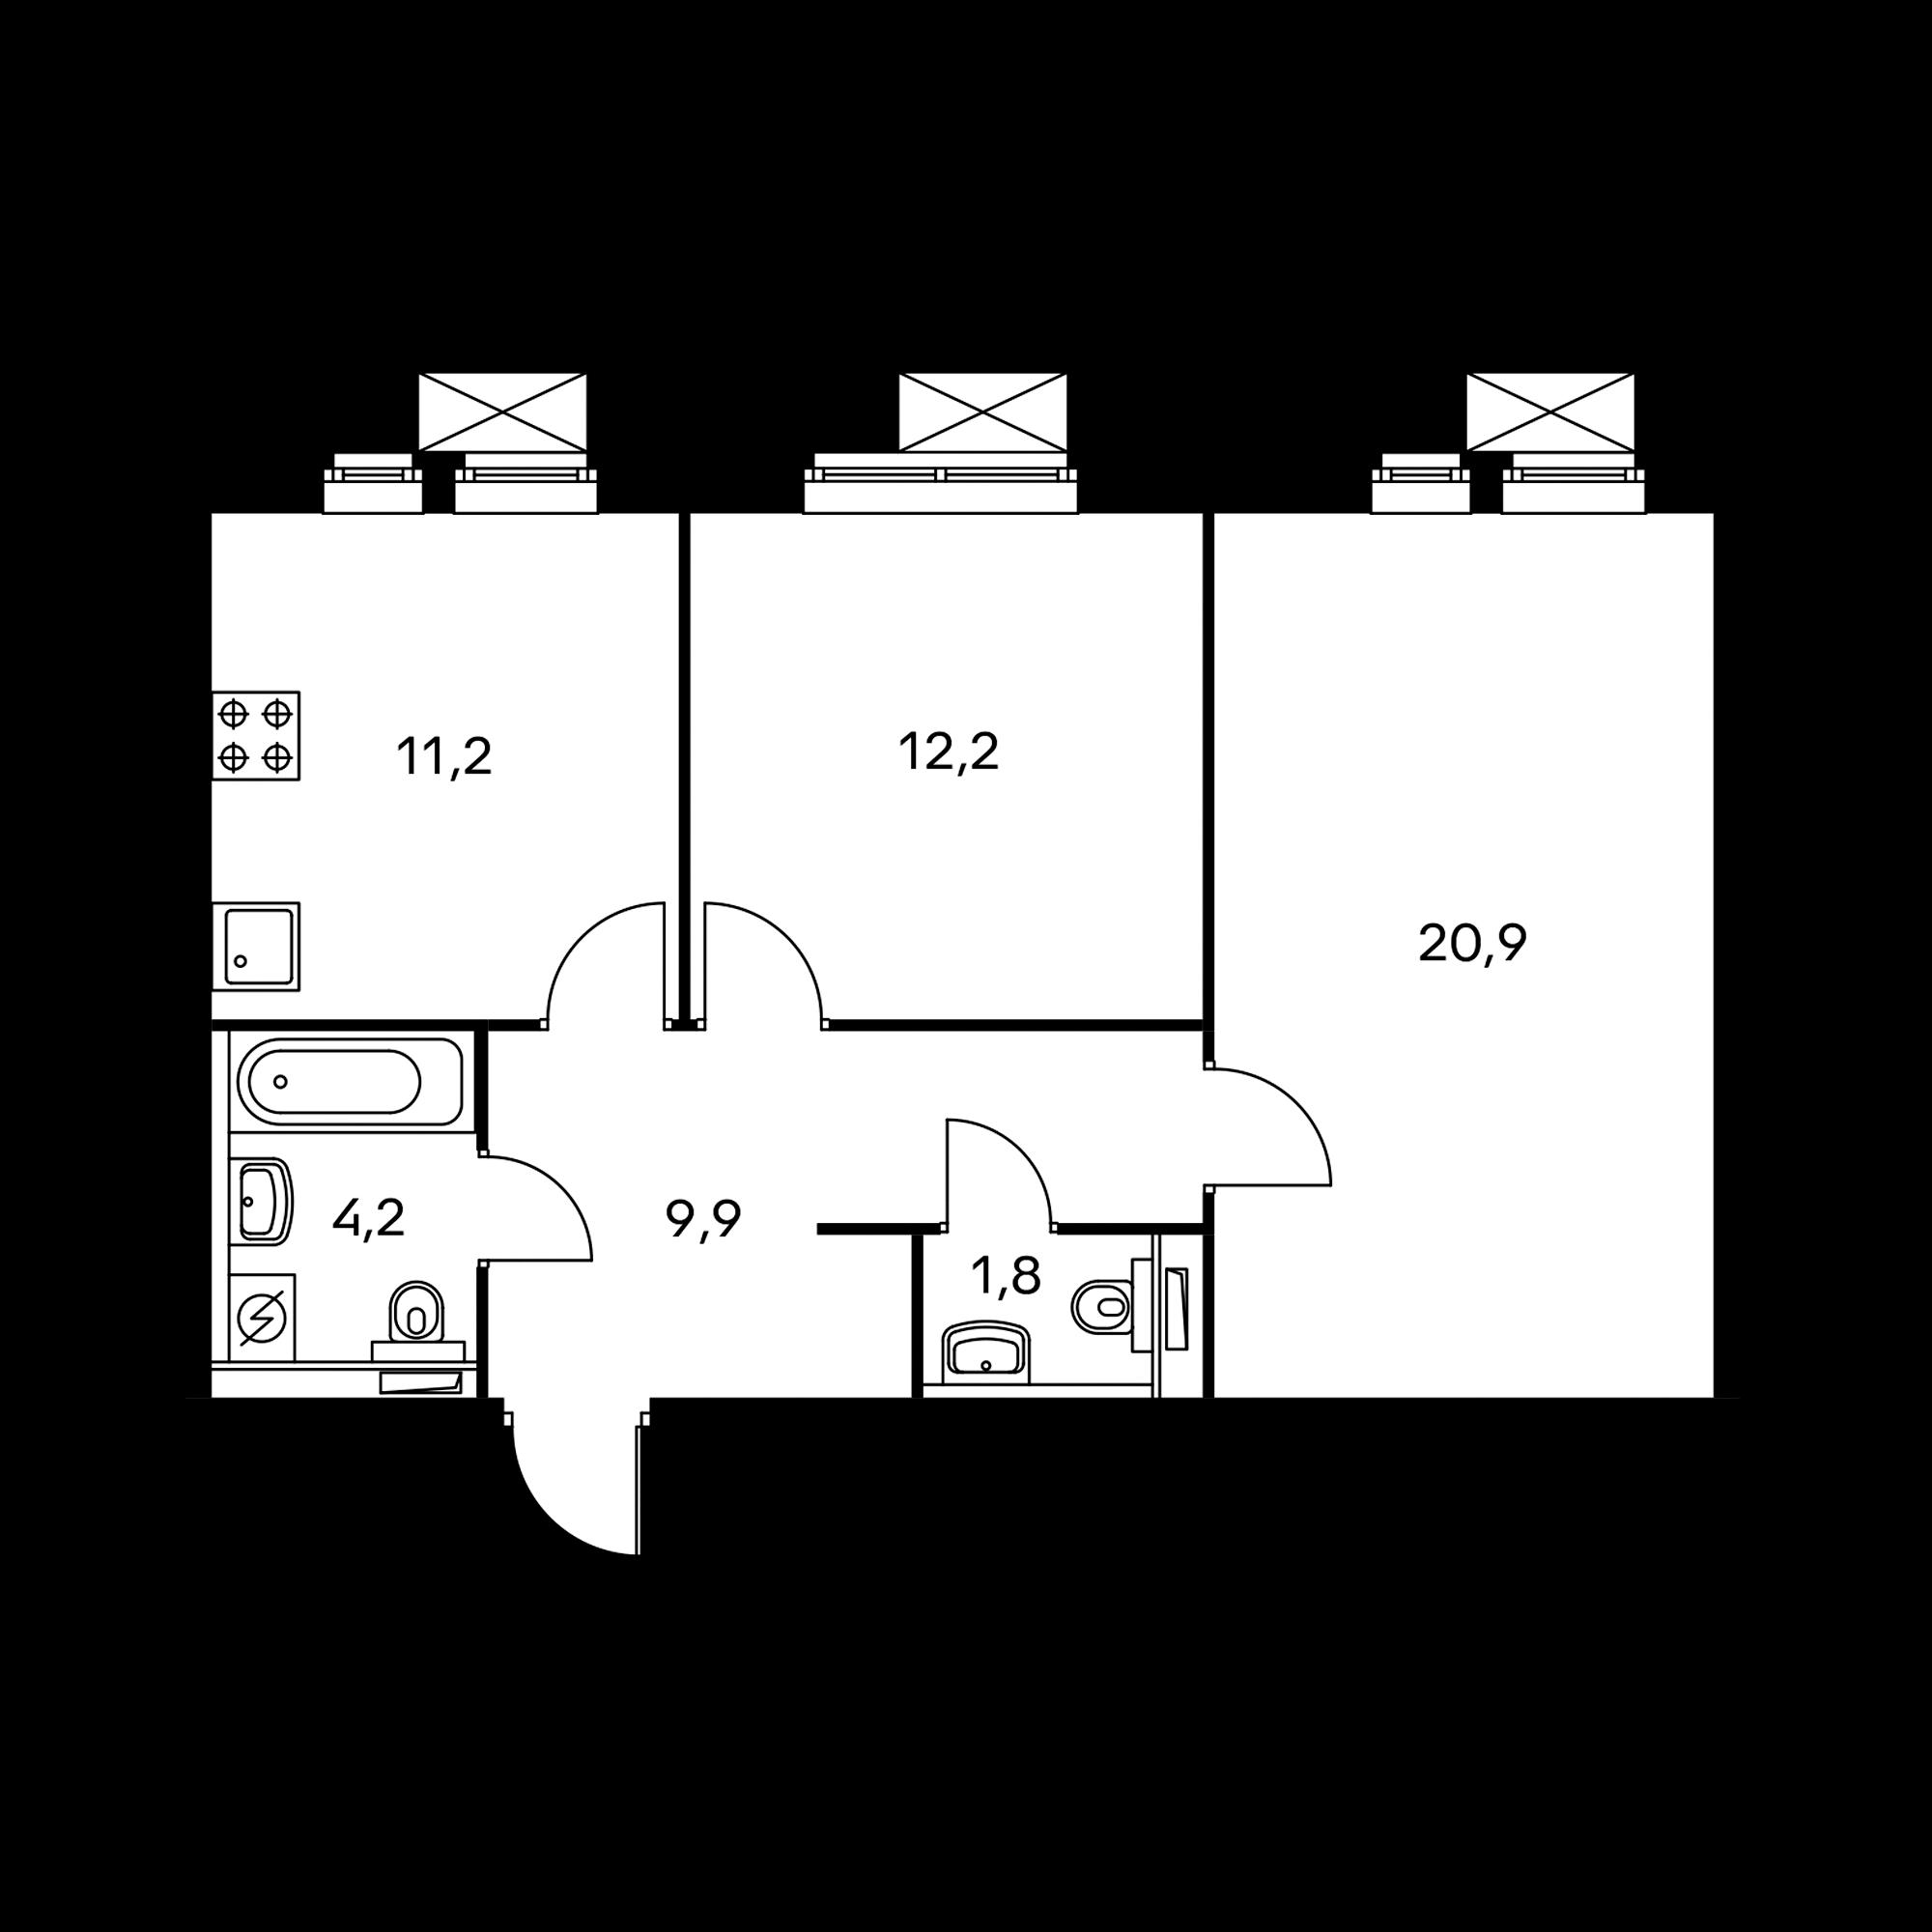 2KM6_10.5-1_S_A